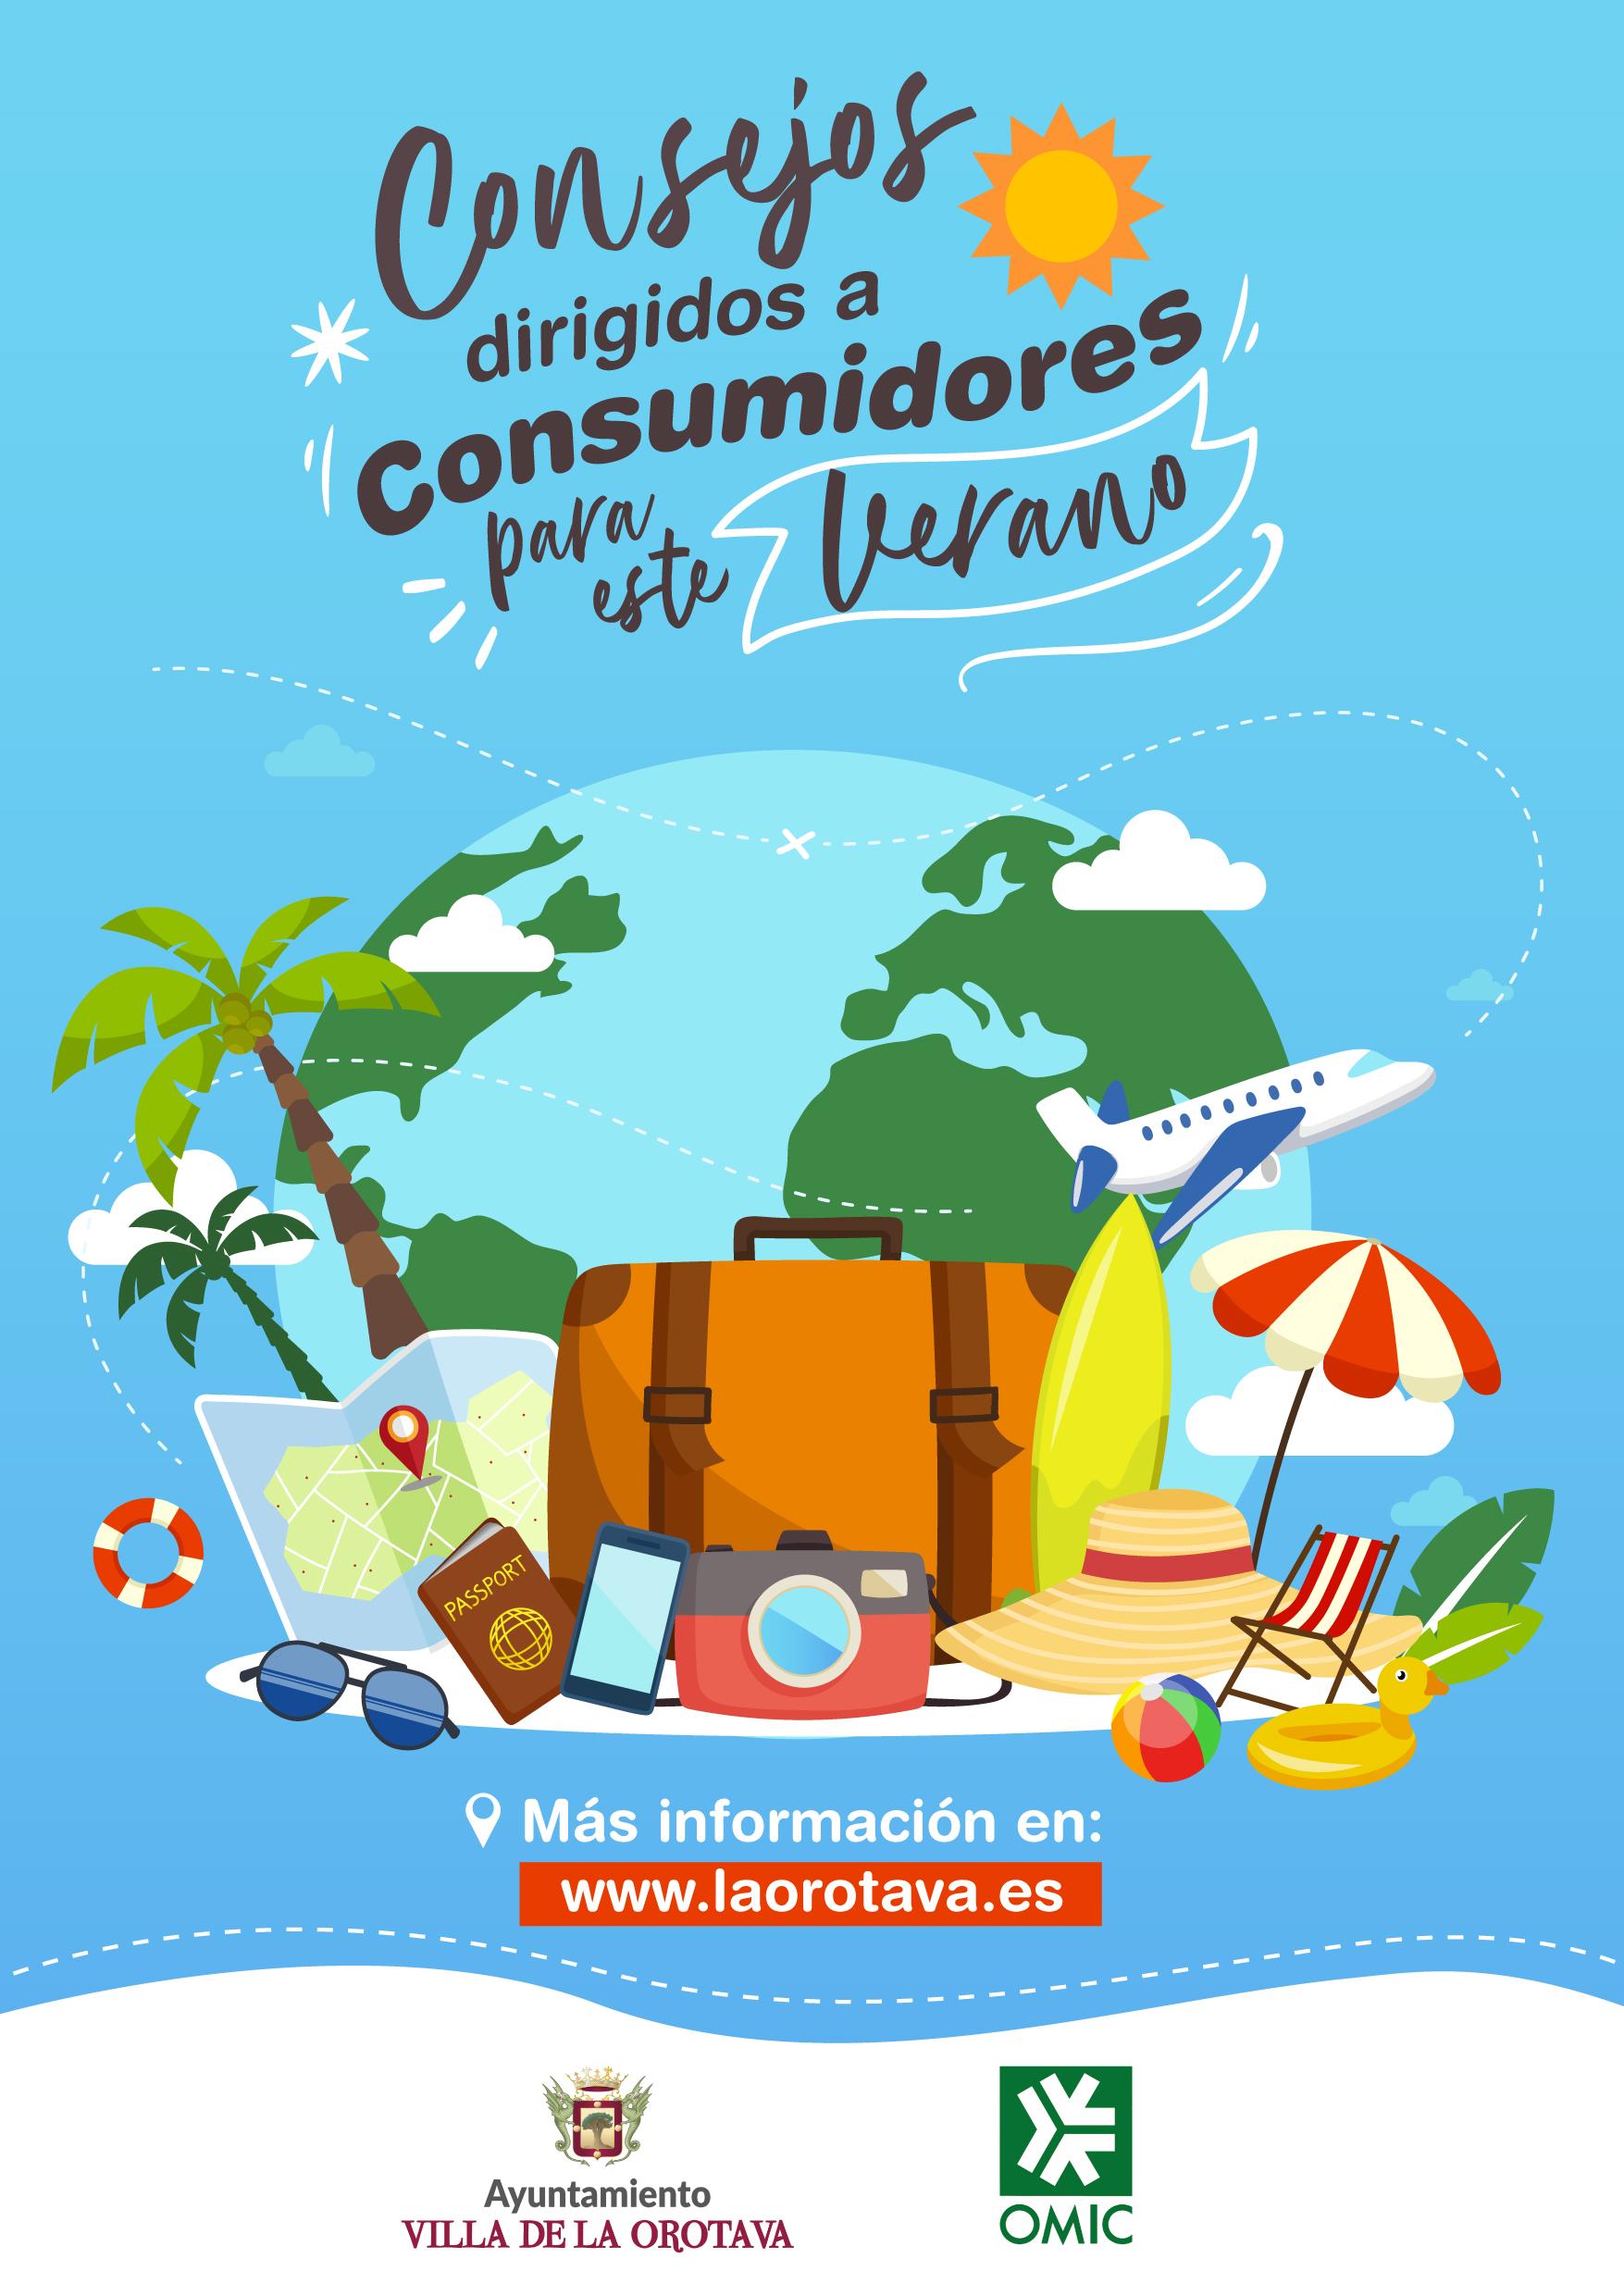 El Ayuntamiento villero, a través de la Oficina Municipal de Información al Consumidor, edita un vídeo y cartelería con recomendaciones para la compra de servicios durante este periodo estival